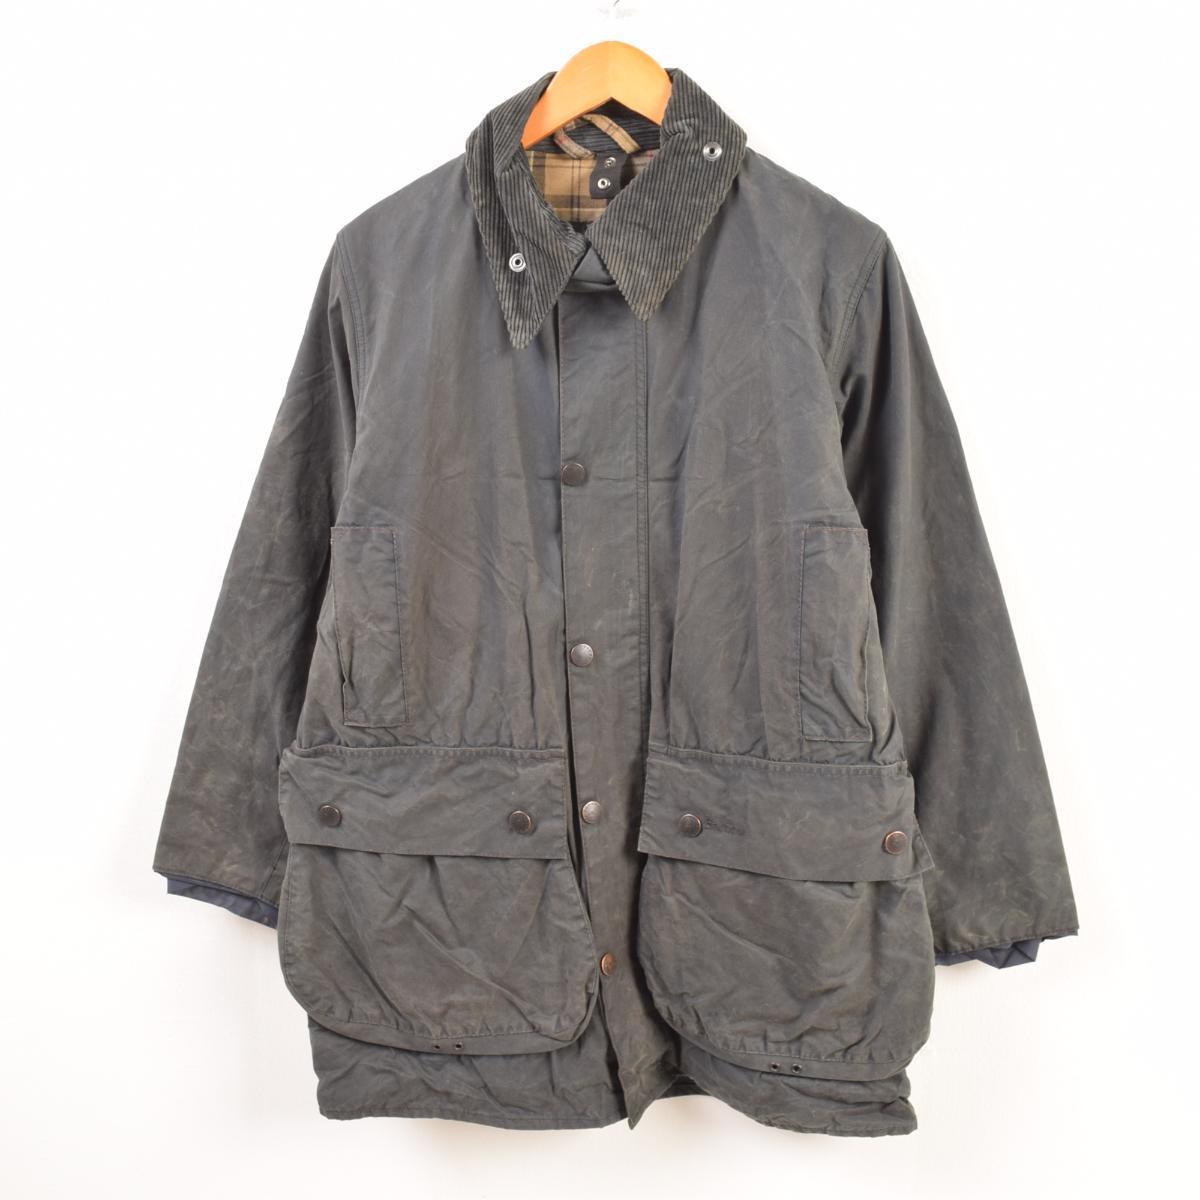 JAMリメイク バブアー Barbour リサイズ ワックスコットン オイルドジャケット 英国製 メンズS /wbb3772 【中古】 【190101】